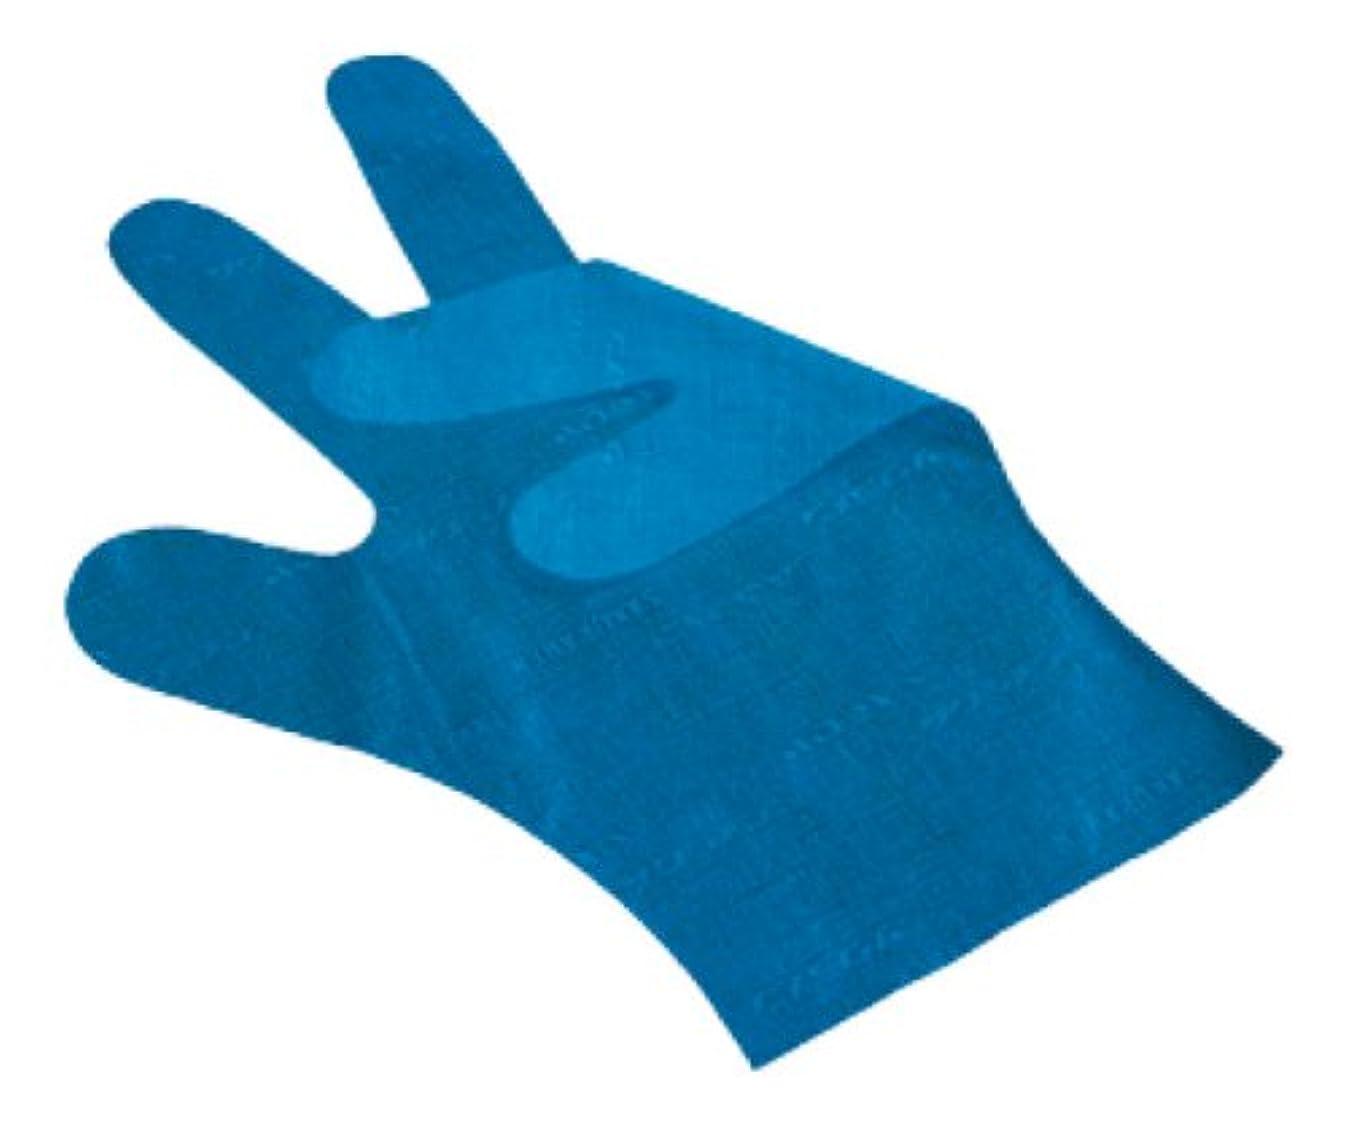 スリラーエリート容器サクラメン手袋 デラックス(100枚入)L ブルー 35μ